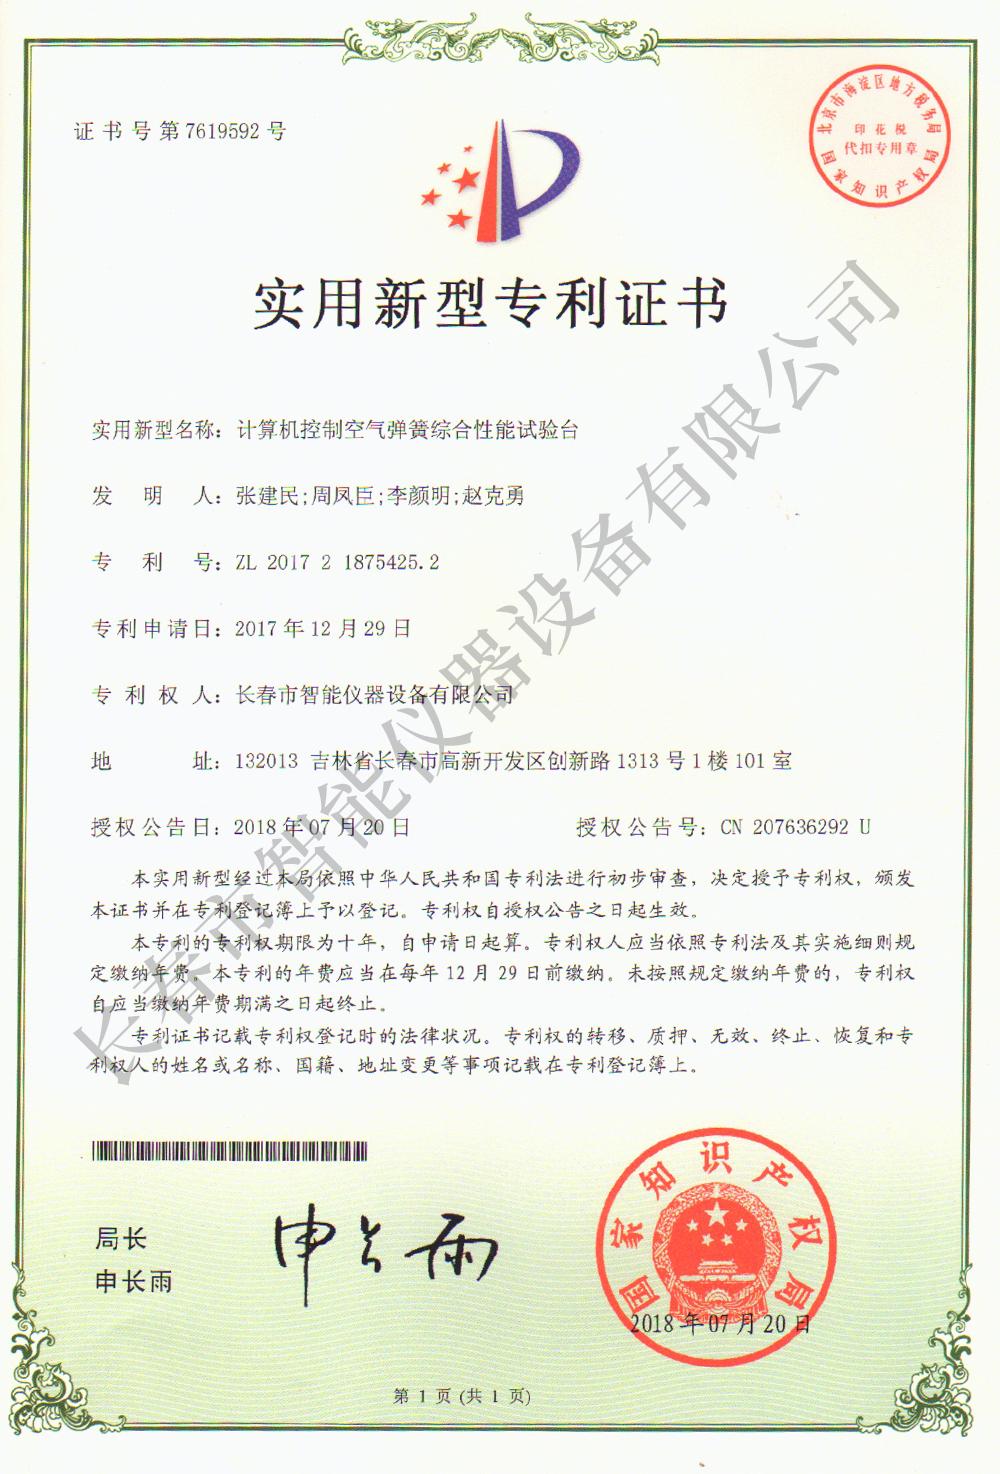 空气弹簧专利